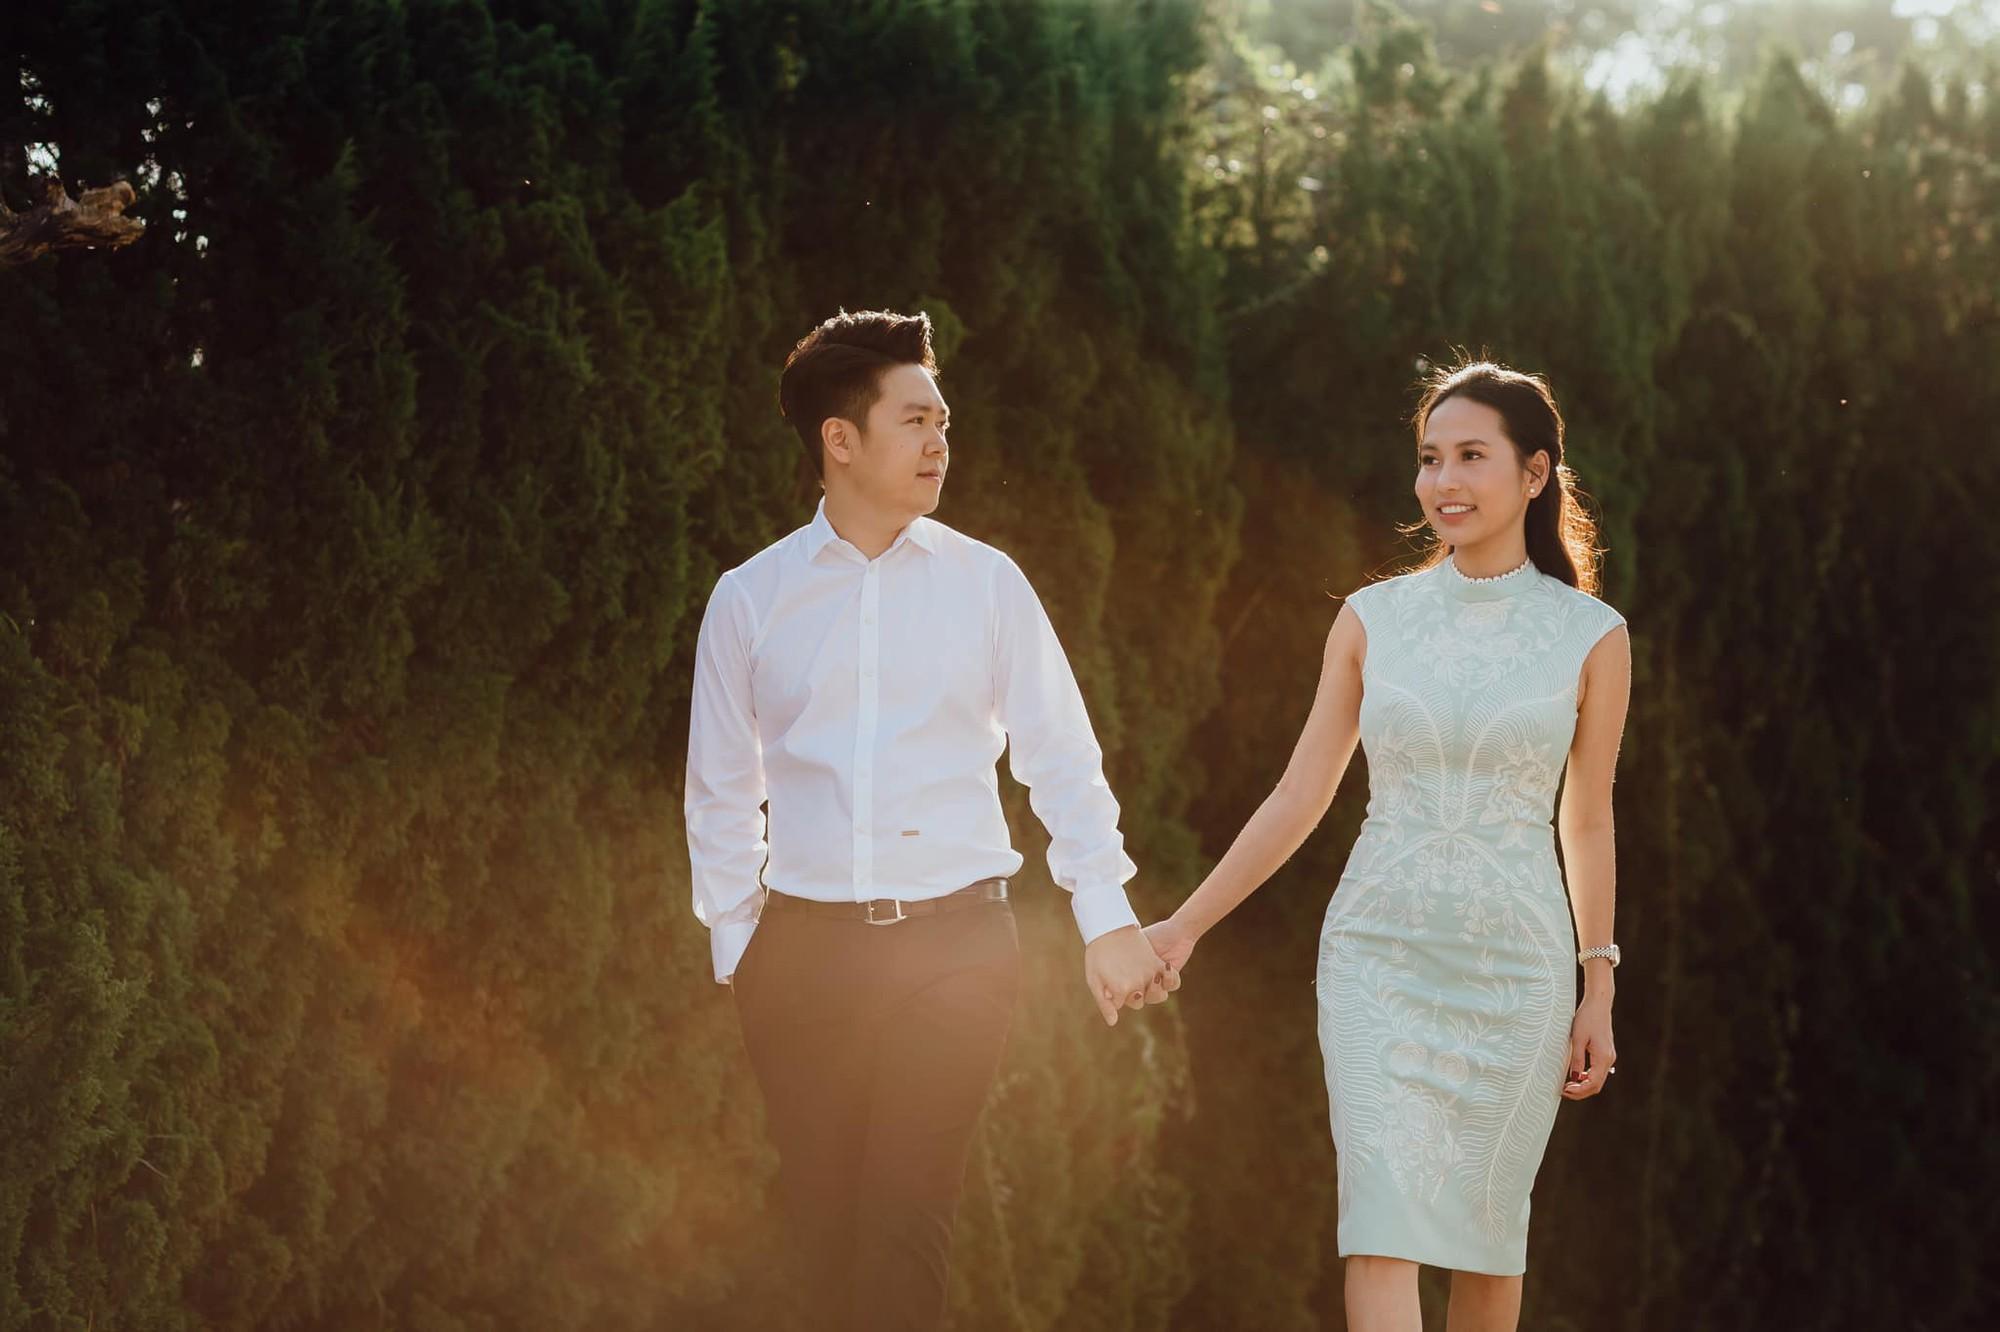 Vài ngày trước hôn lễ, thiệp cưới của Lê Hiếu và bạn gái chính thức được hé lộ-3